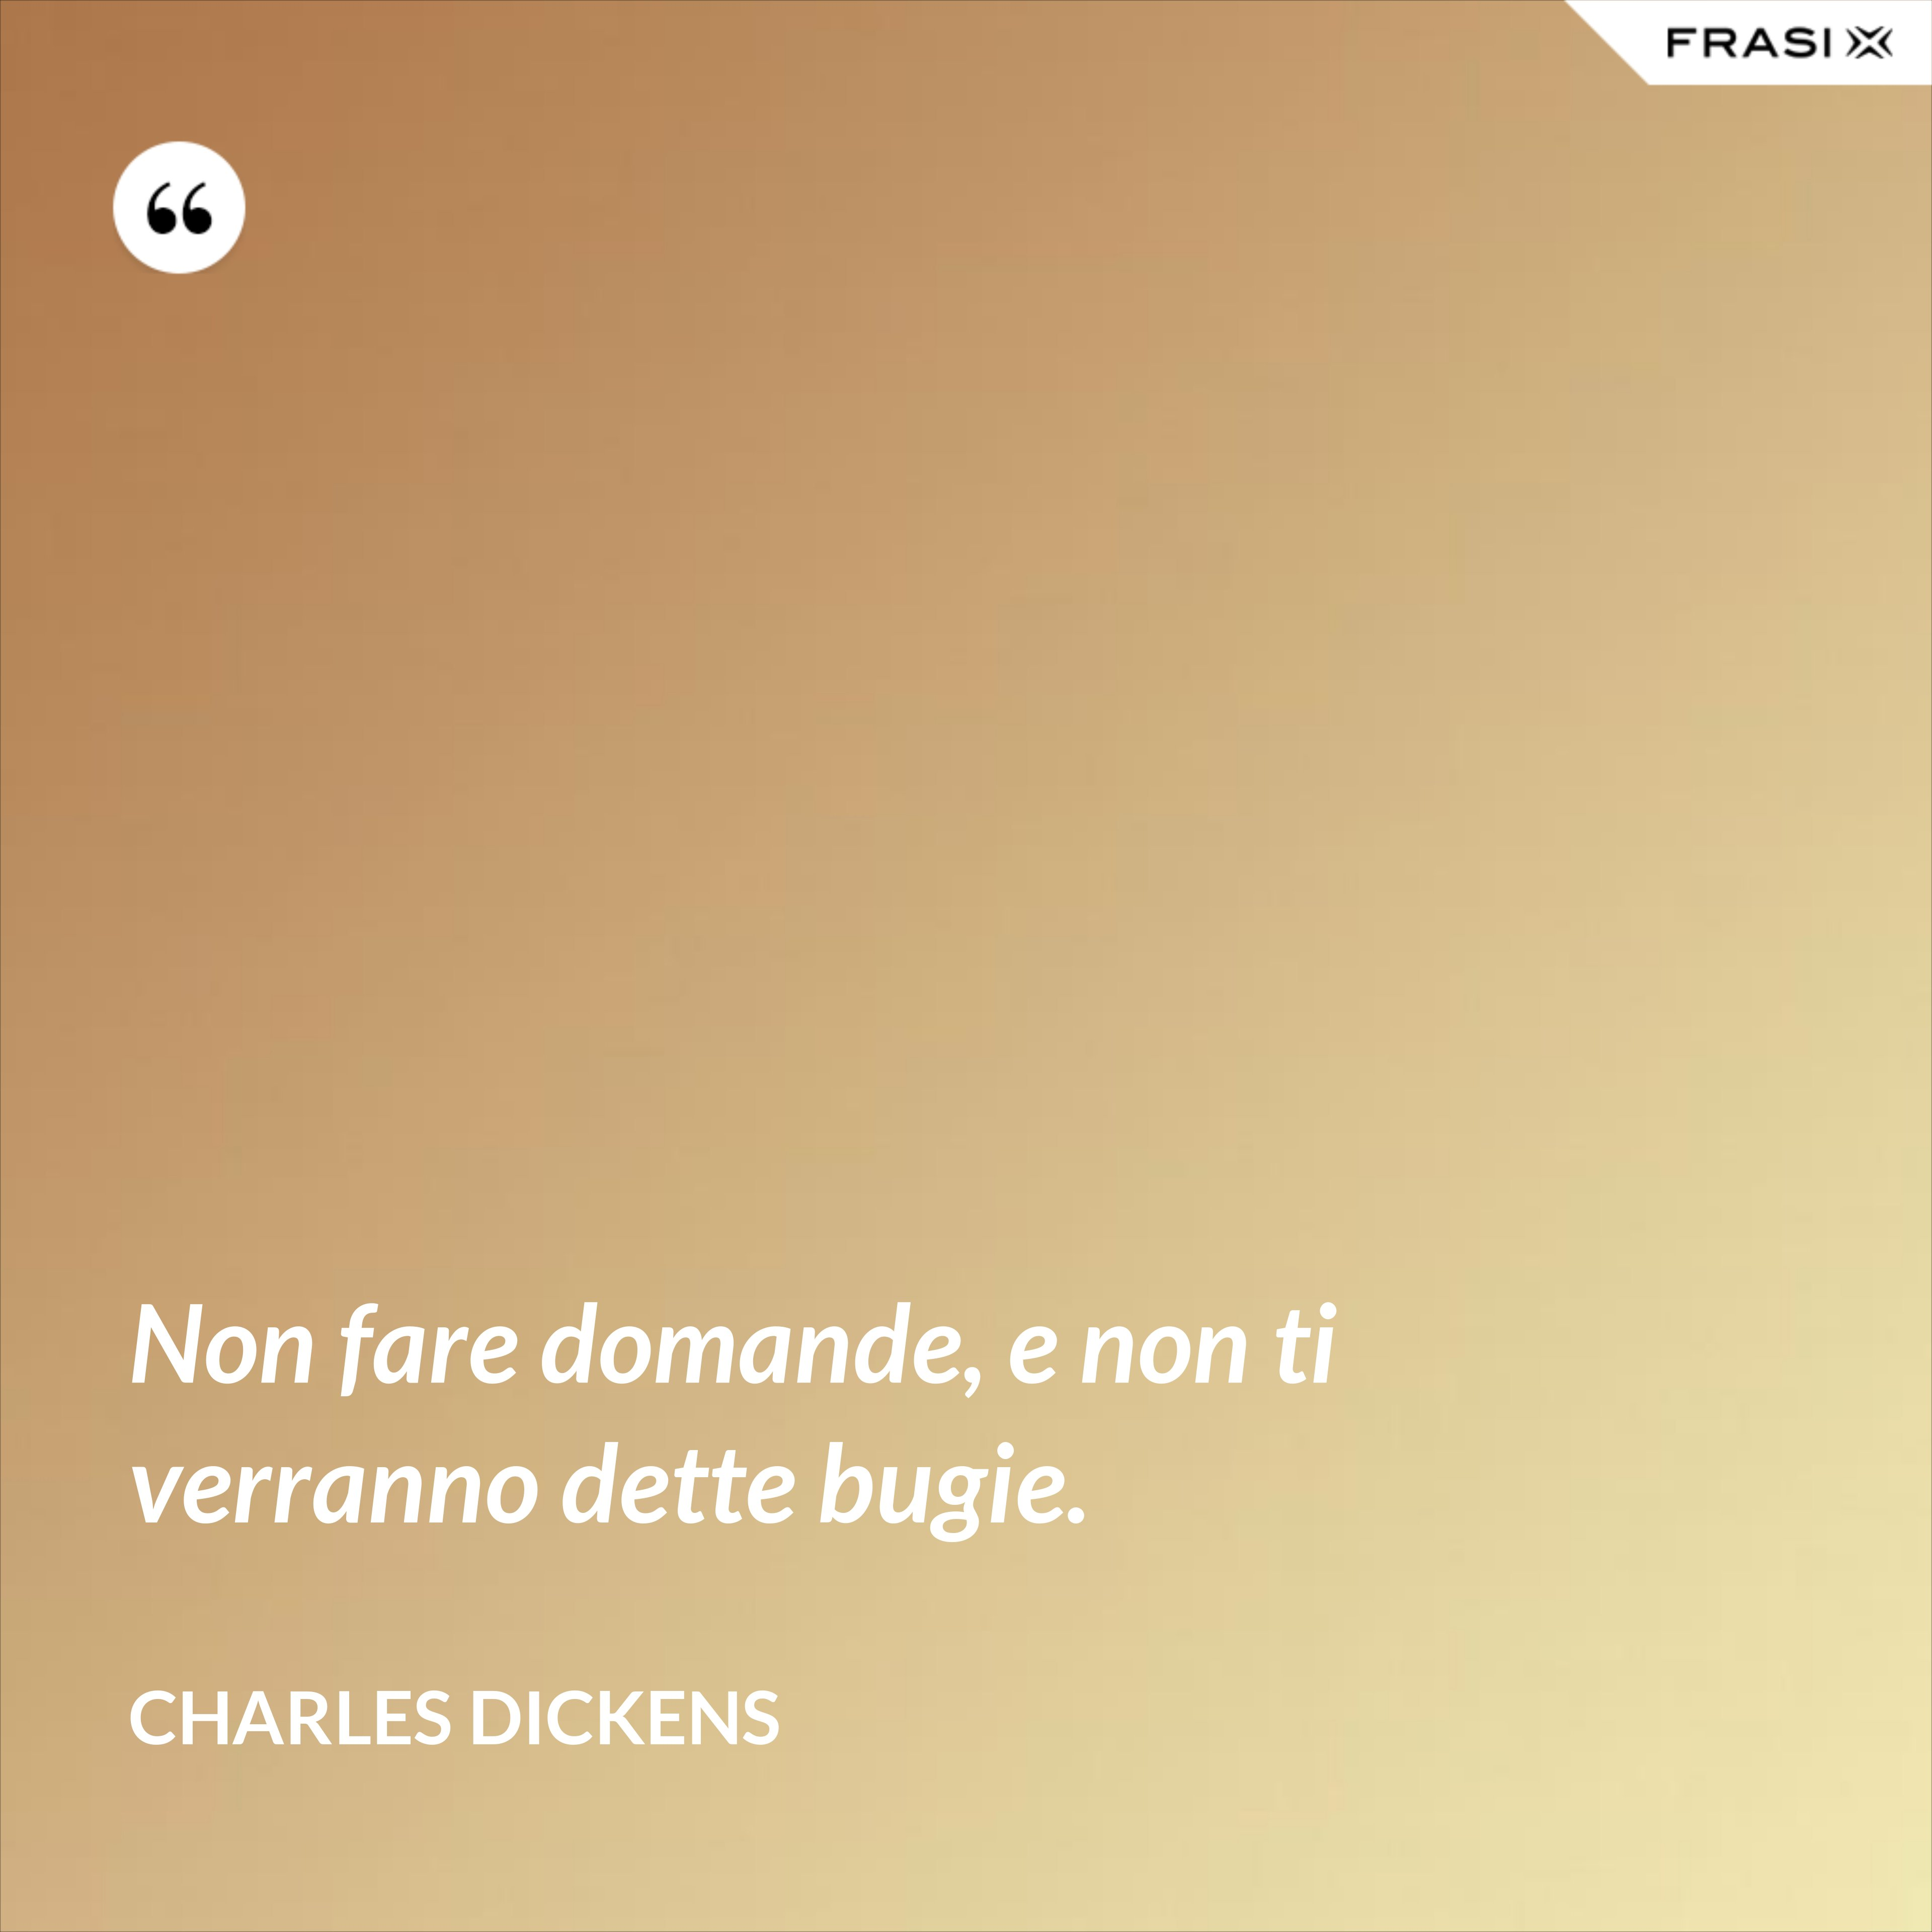 Non fare domande, e non ti verranno dette bugie. - Charles Dickens